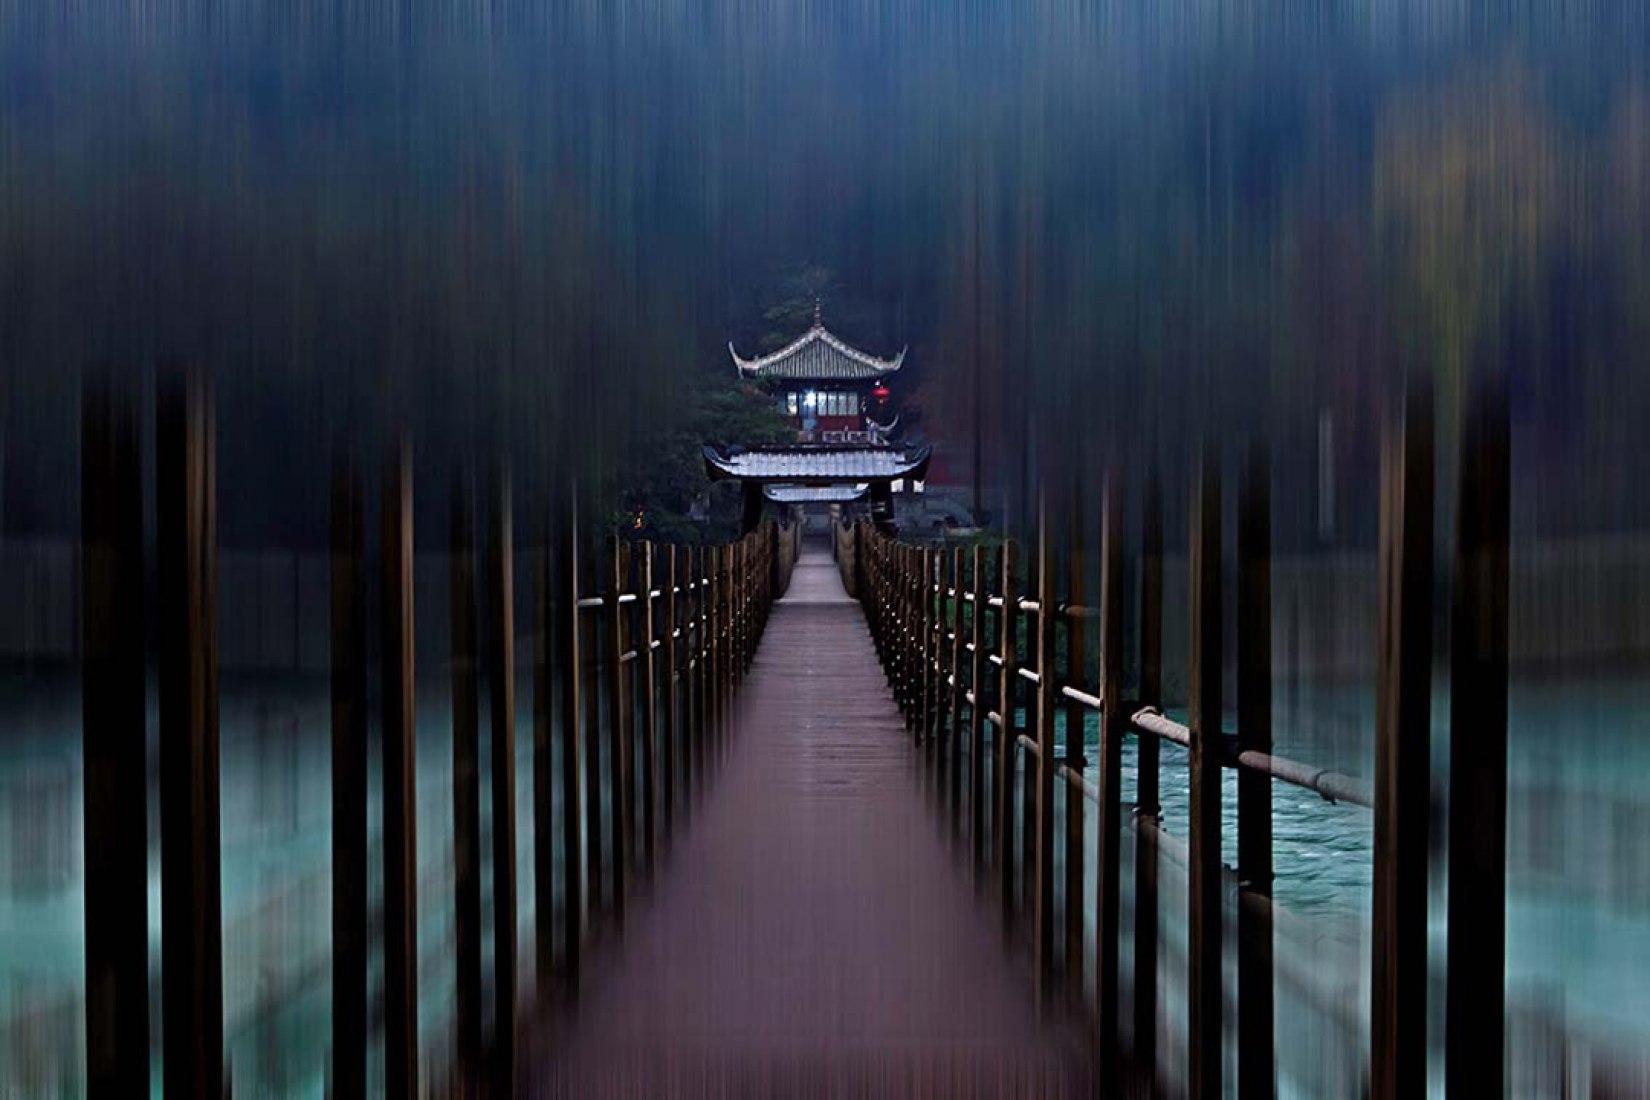 Puente de Dujiangyan, 2011. Fotografía sobre papel Kodak rc brillo. 180 x 270 cm | 70,87 x 106,3 inch. Ed. 3 + 1 PA.